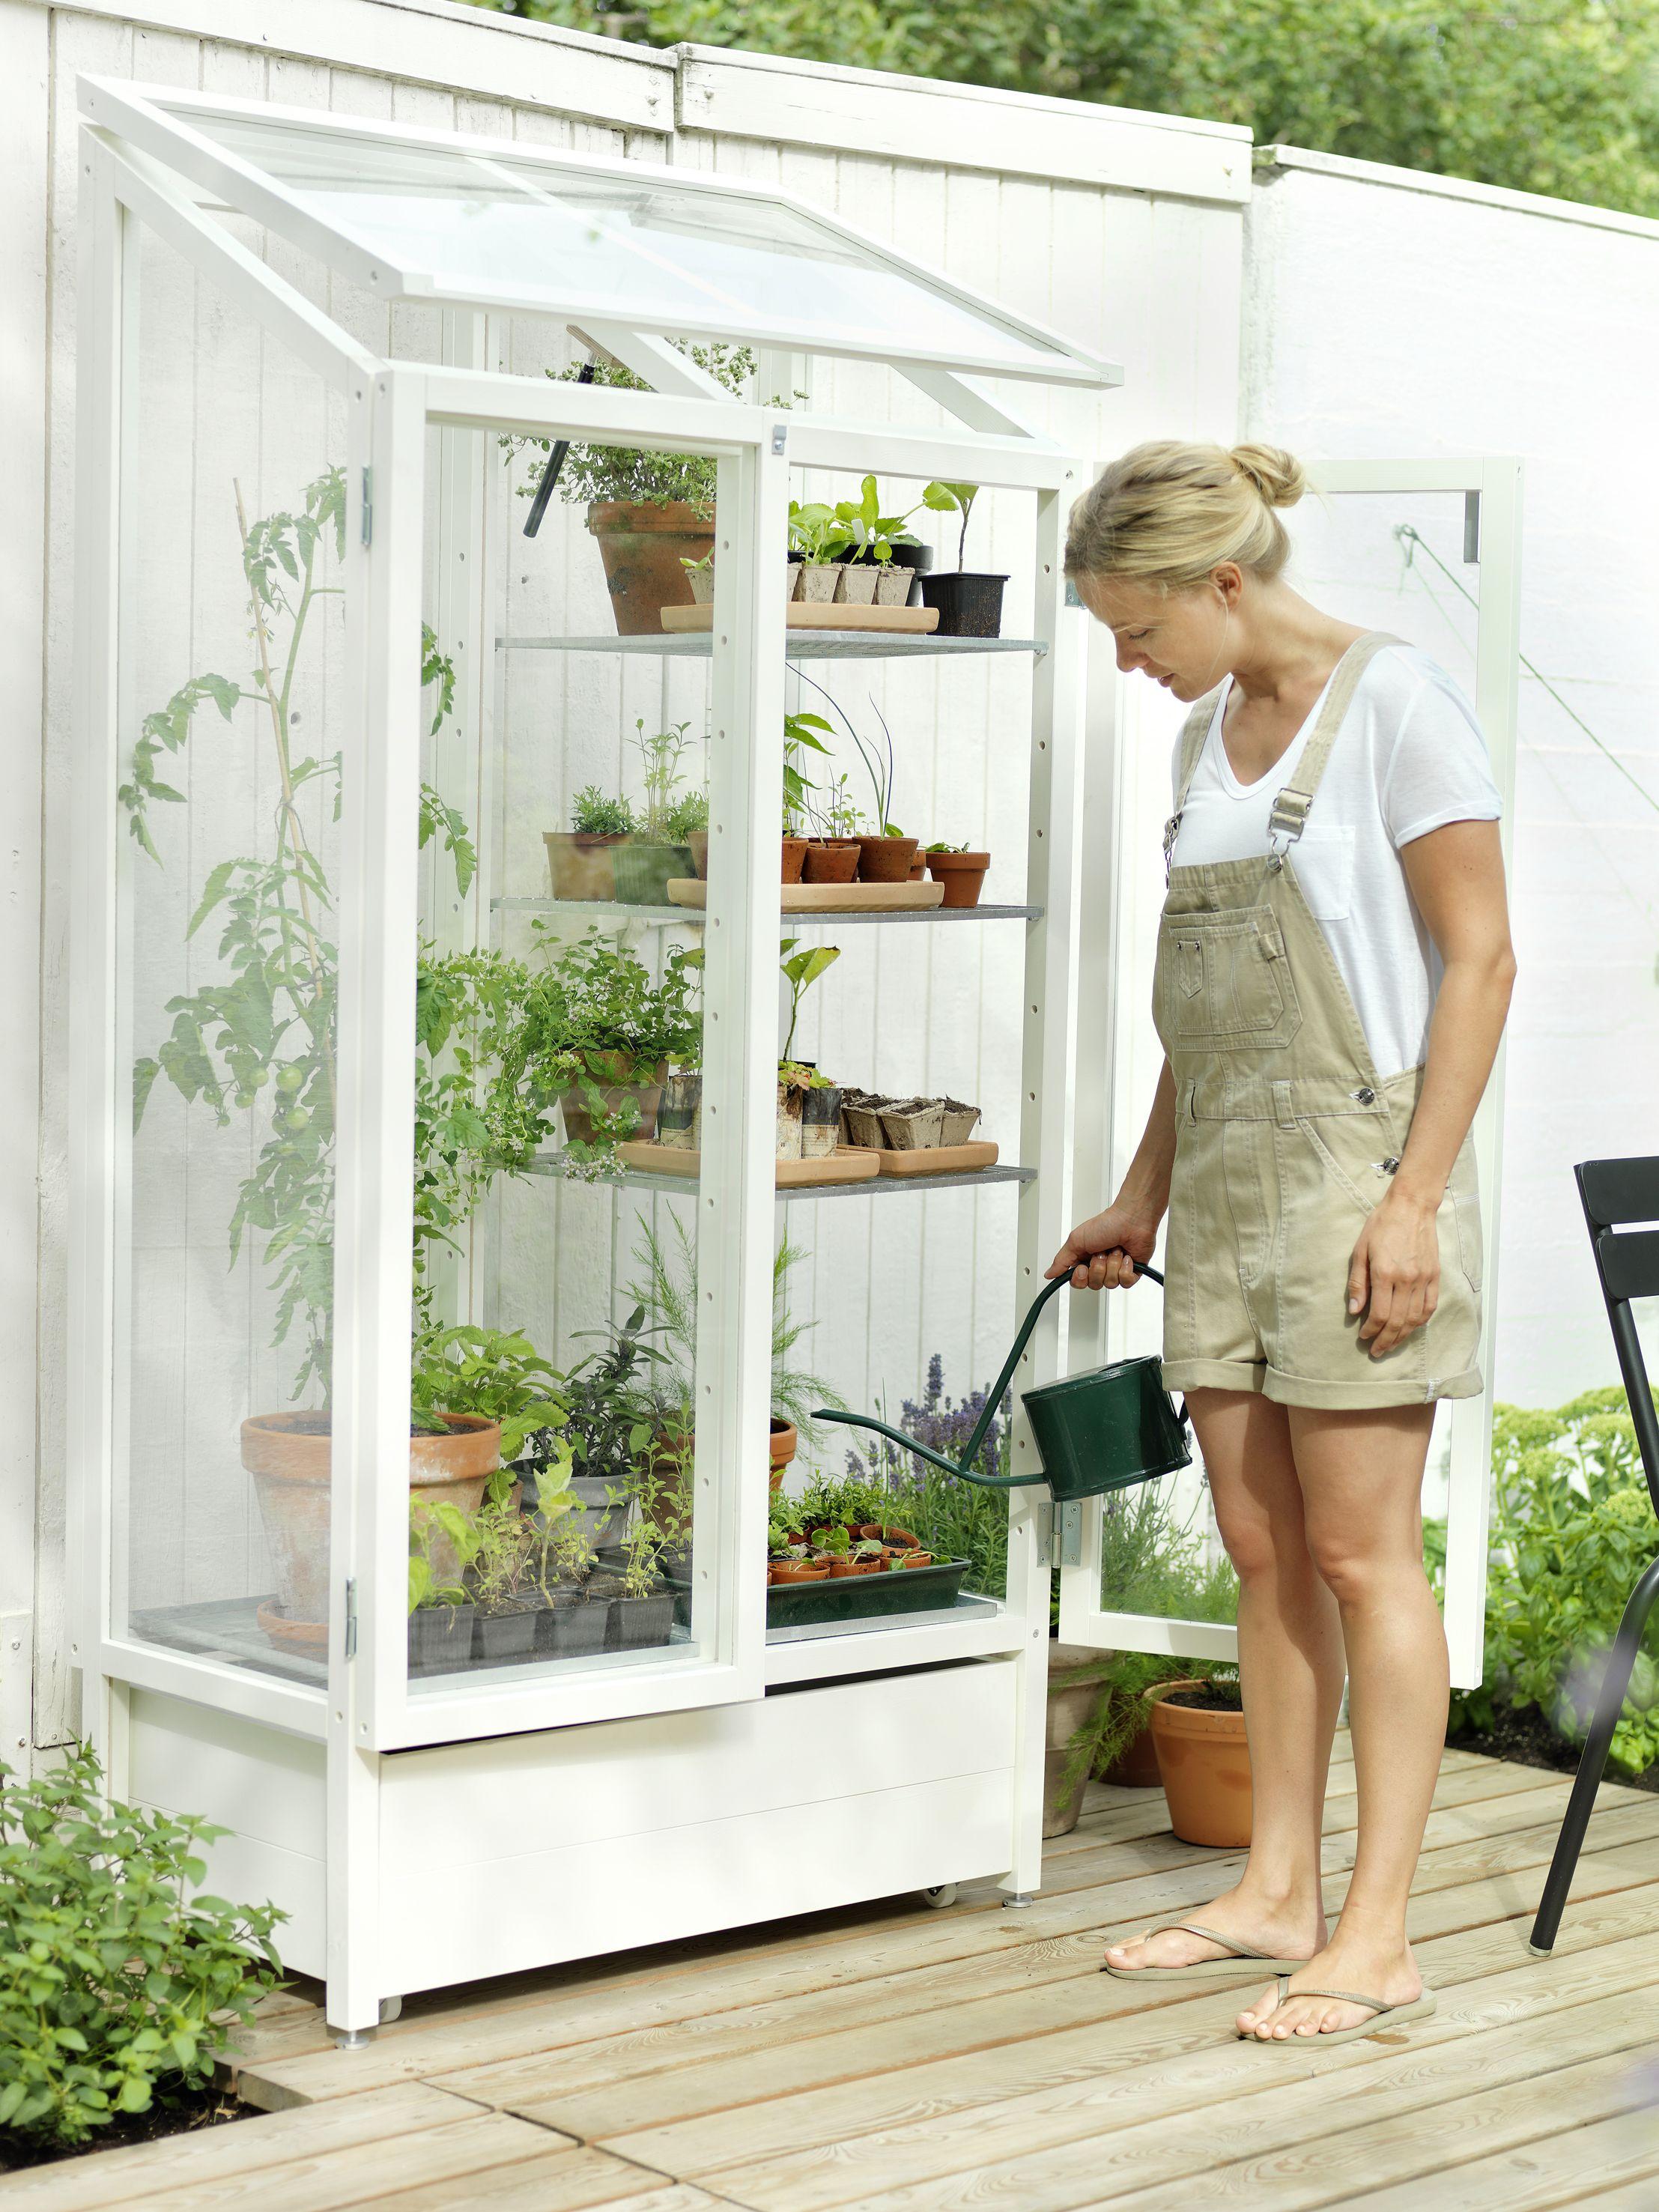 kekkil n vihervitriini ovh 750 e gardening small area garden rh pinterest com